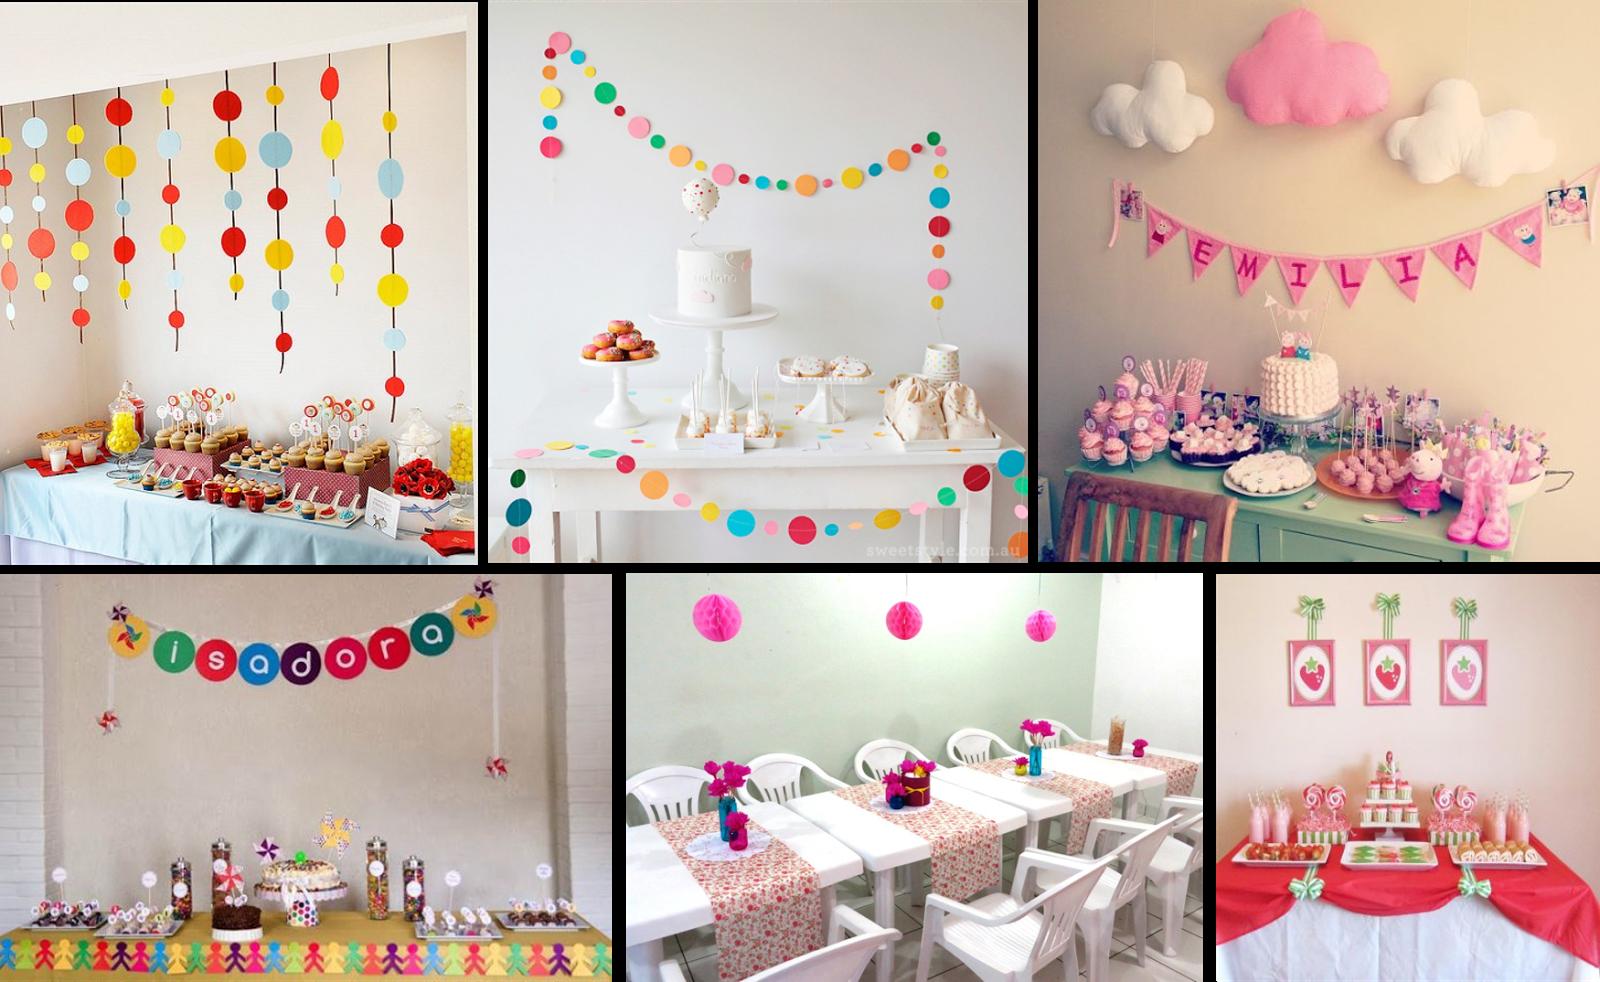 decoracao de festa infantil: cordão de bandeirolas